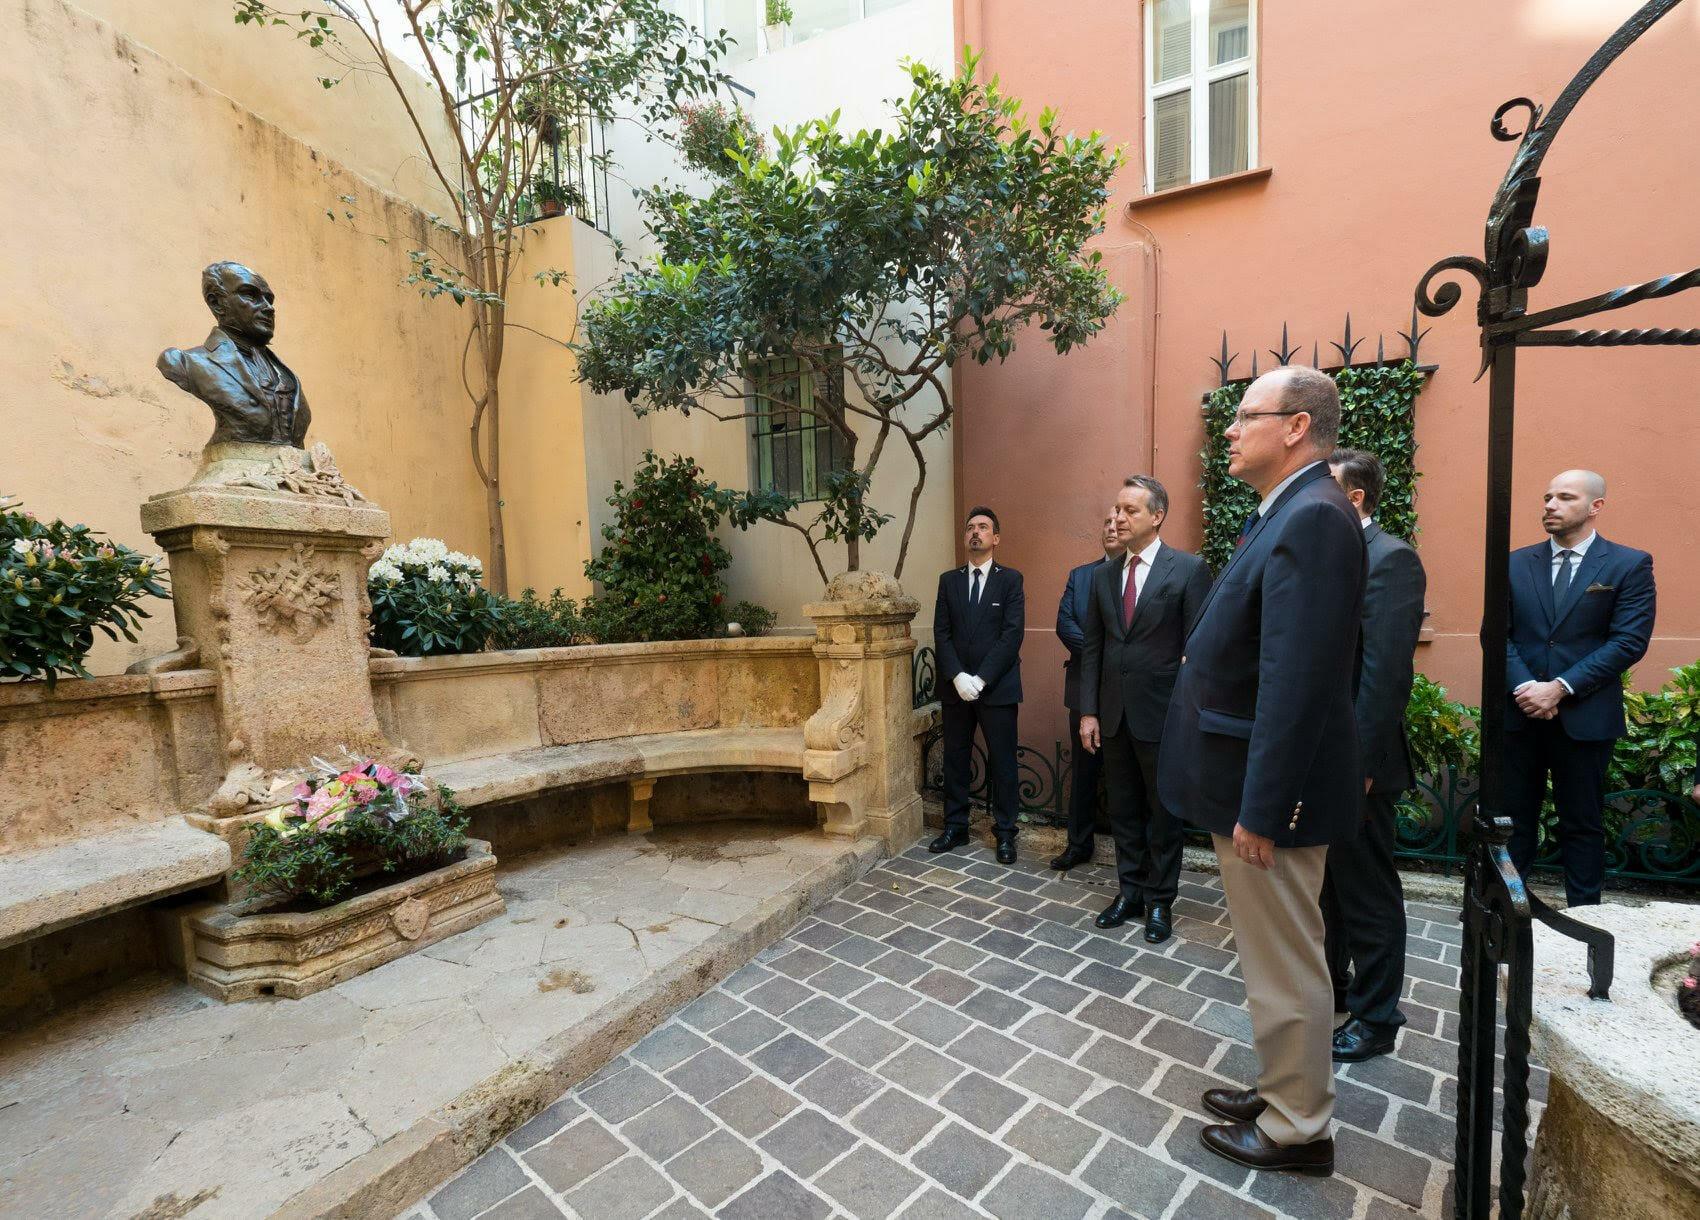 Дела княжеские: Князь Альбер в Марселе